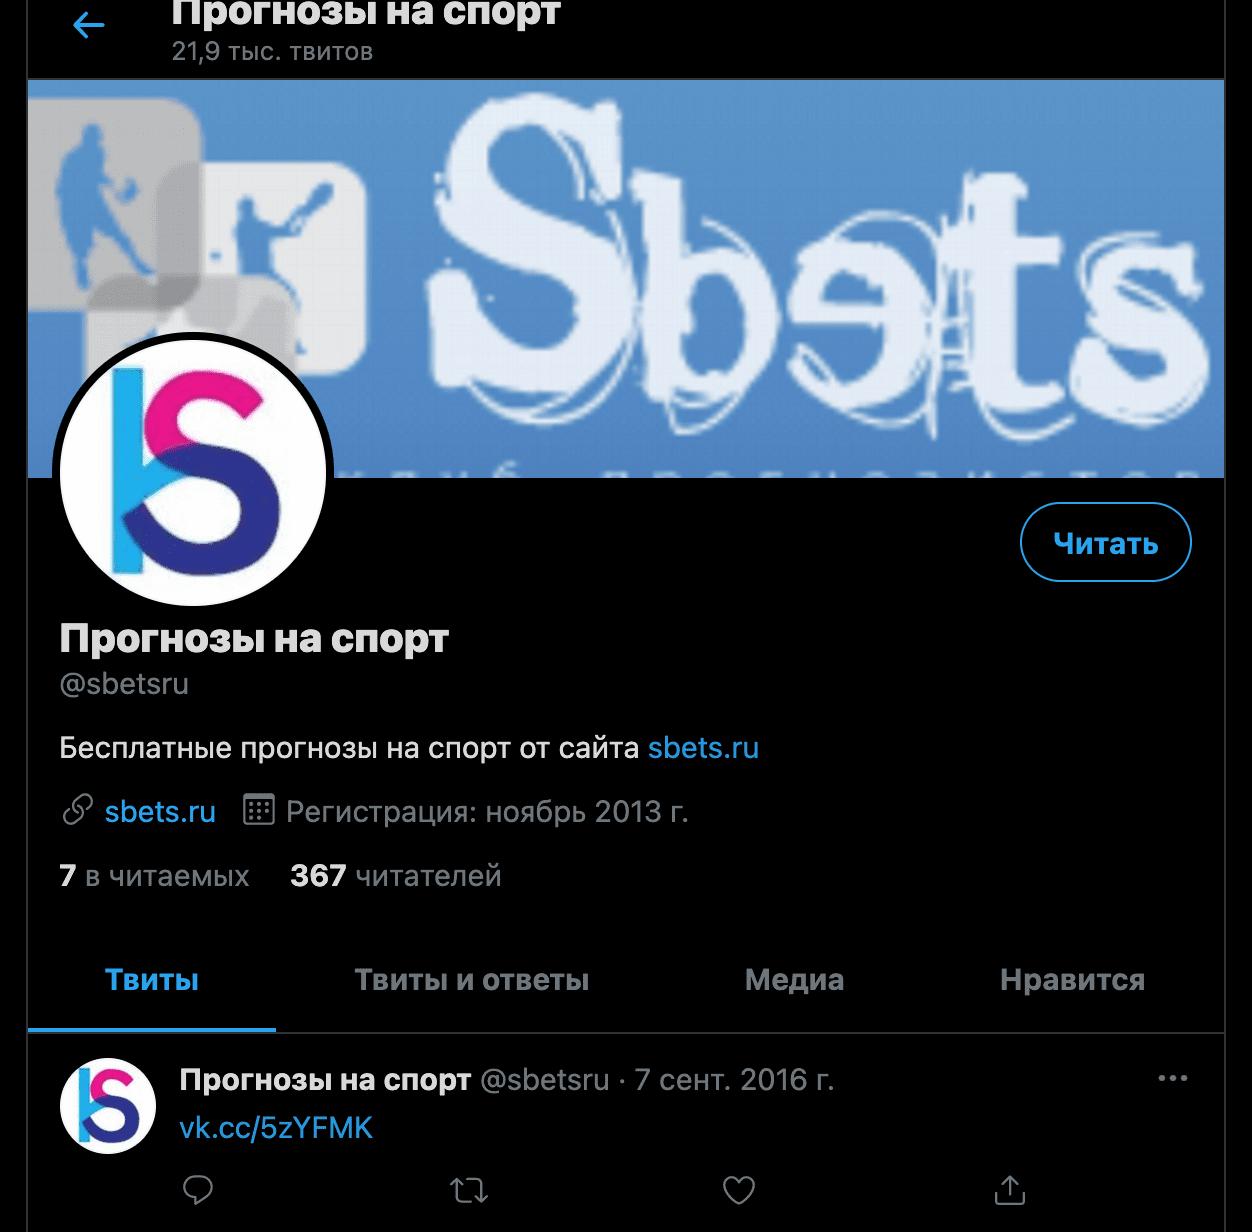 Твиттер акккаунт Sbets.ru(Сбетс)